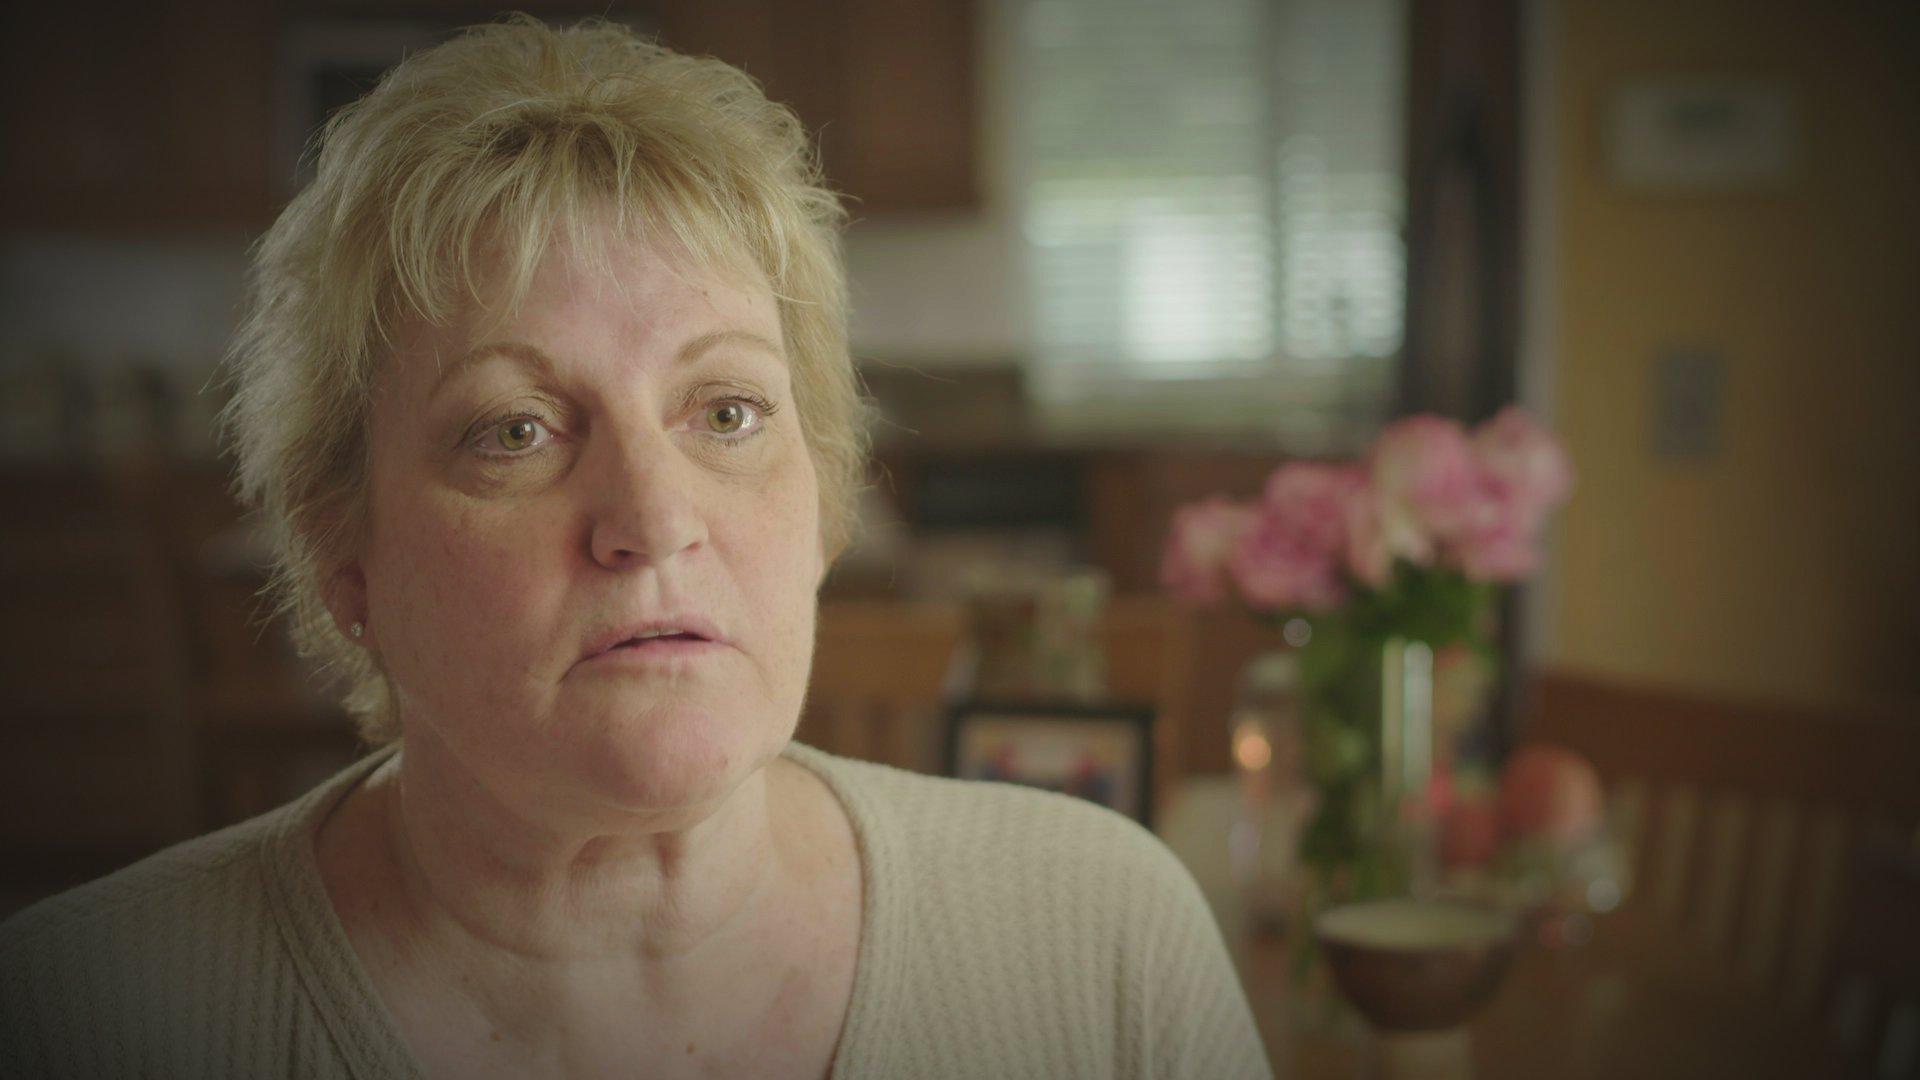 Han myrdede sin kone, efter at hun opdagede sit dobbeltliv